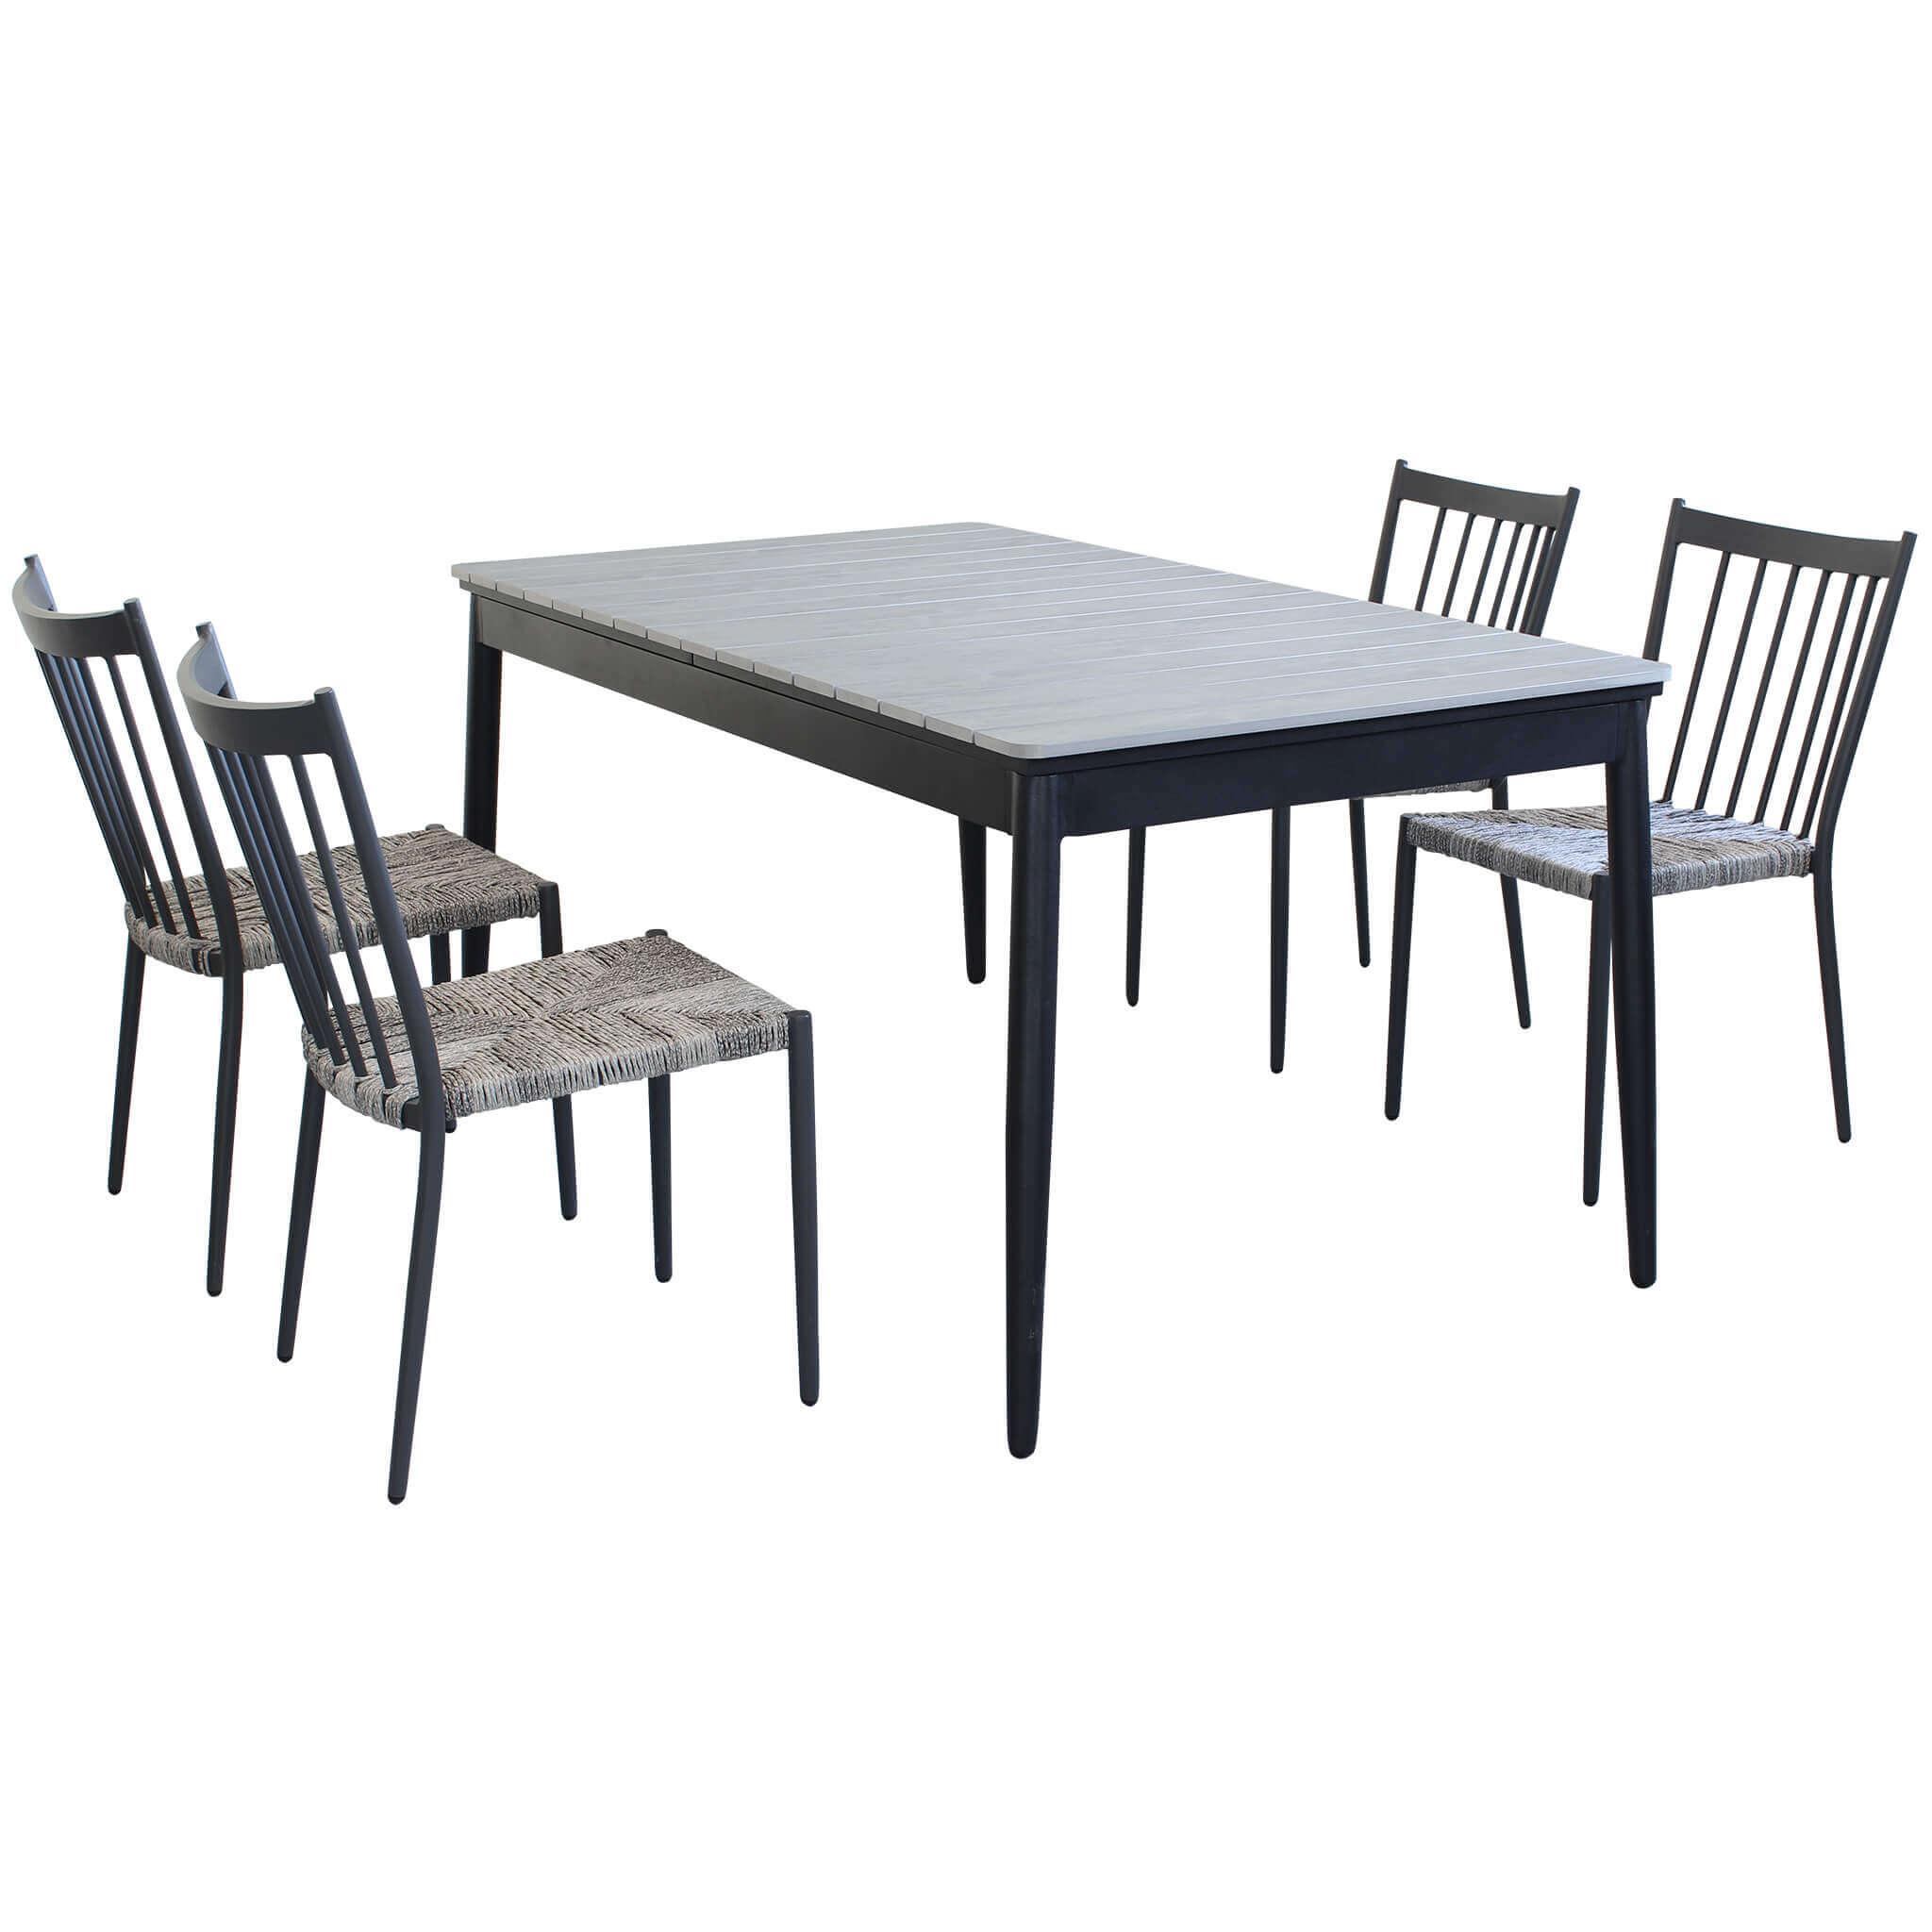 milani home donato - set tavolo da giardino allungabile in alluminio e polywood 160/240 x 90 compreso di 4 sedie in alluminio e polyrattan